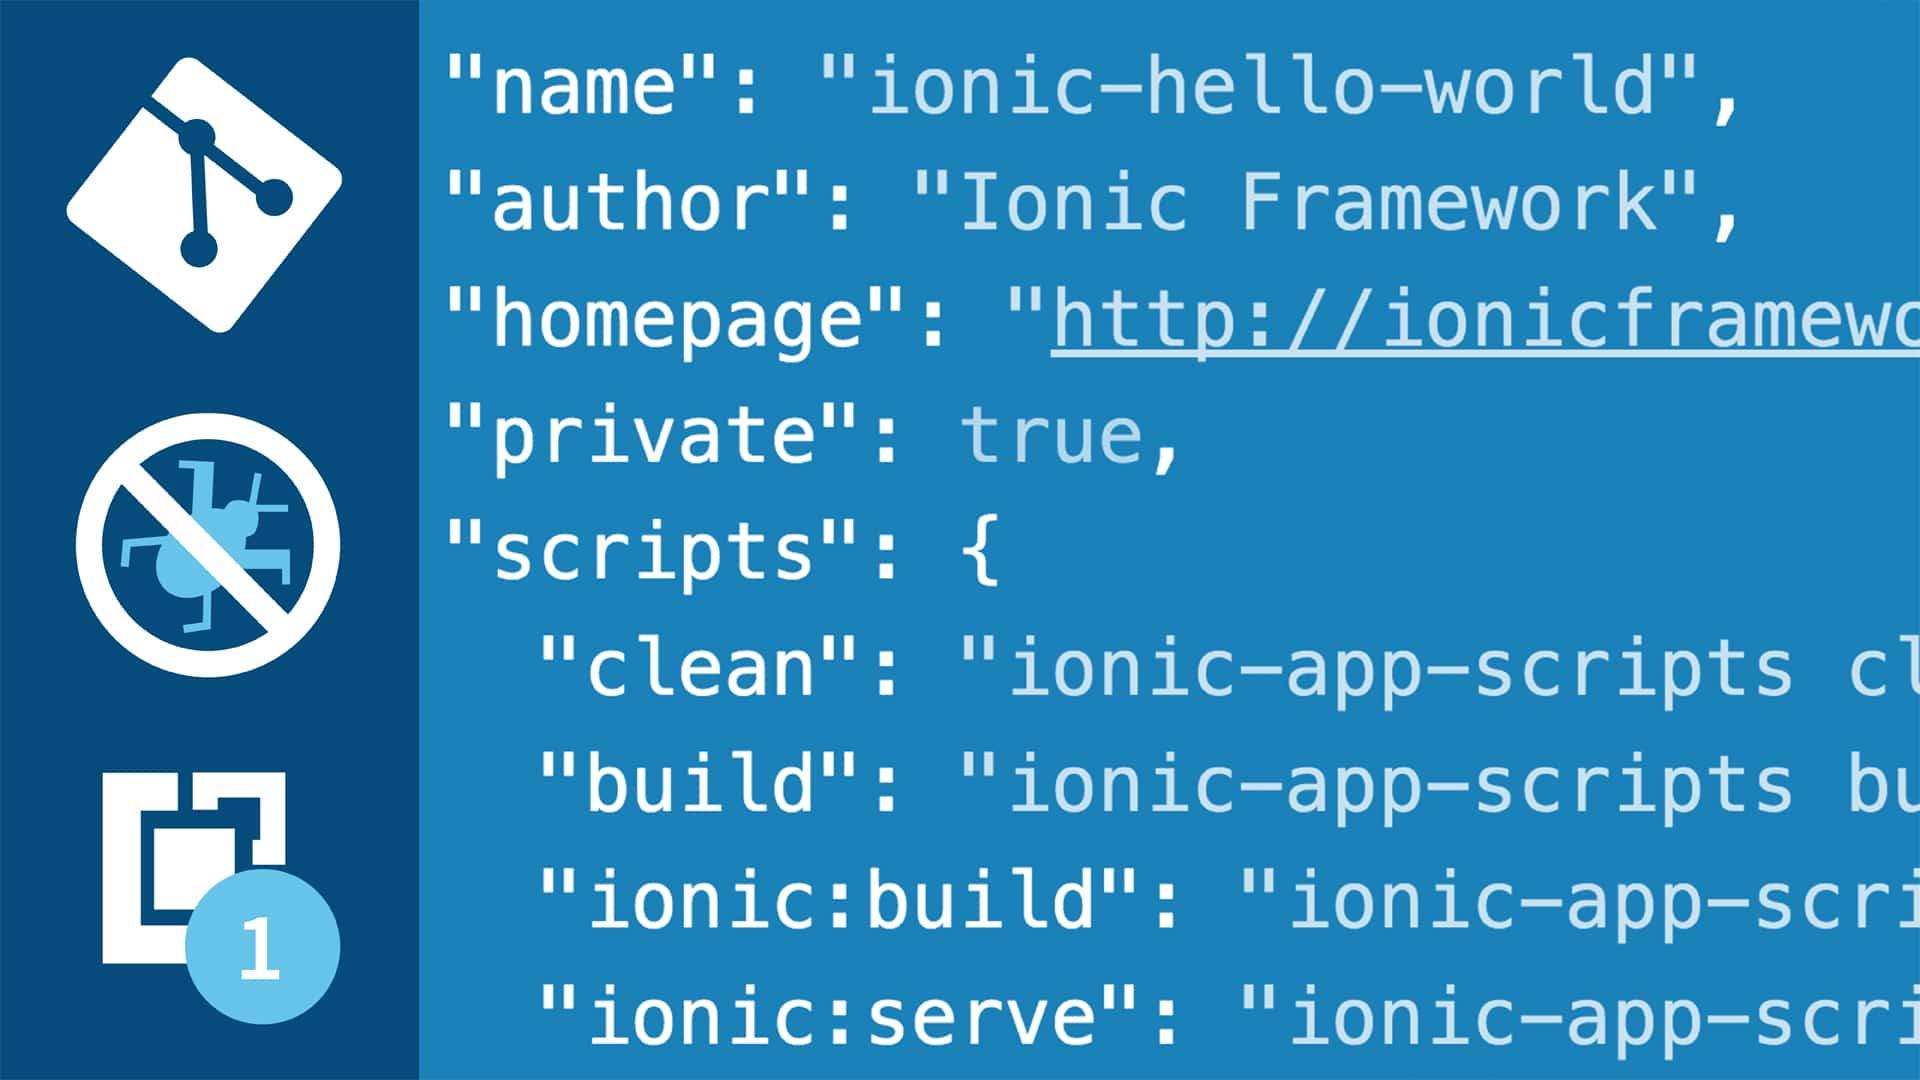 [Lynda] Ionic 3.0 for Mobile App Developers